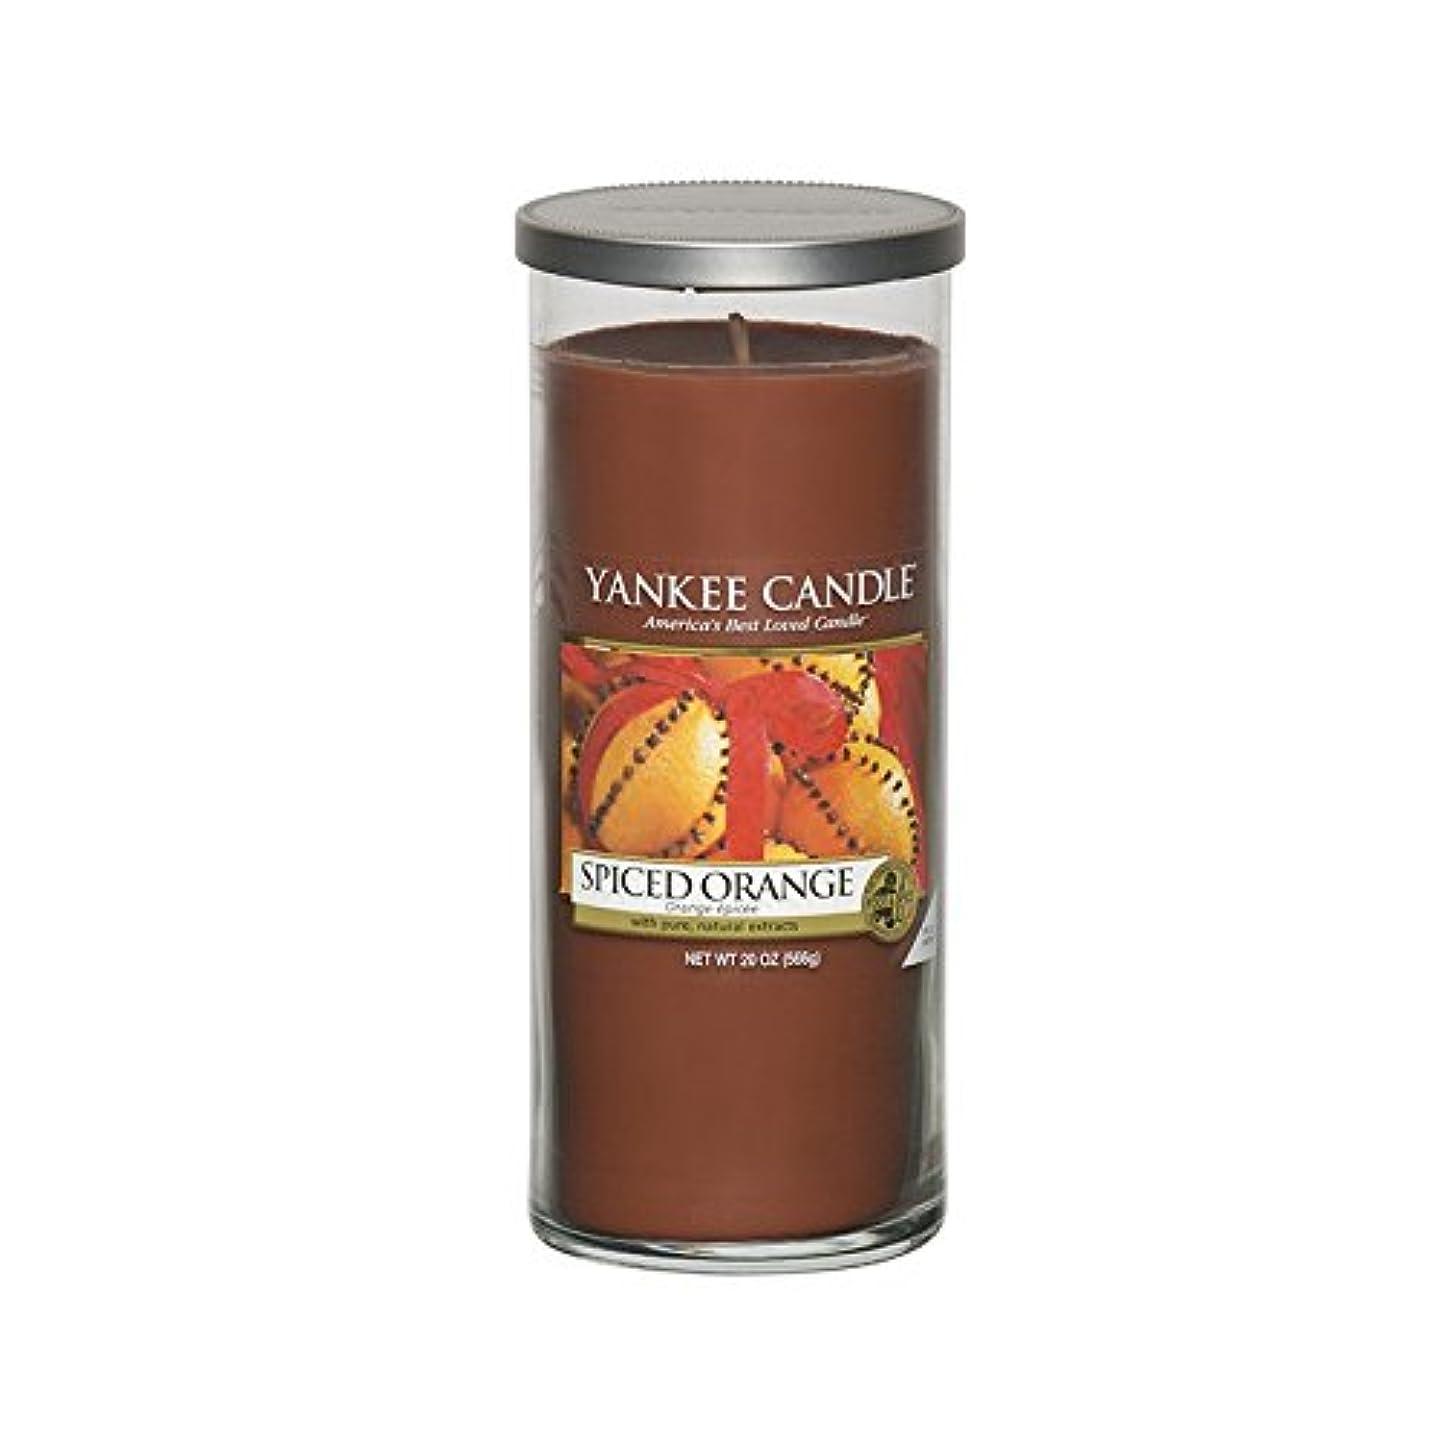 あたり海港人ヤンキーキャンドル大きな柱キャンドル - スパイスオレンジ - Yankee Candles Large Pillar Candle - Spiced Orange (Yankee Candles) [並行輸入品]